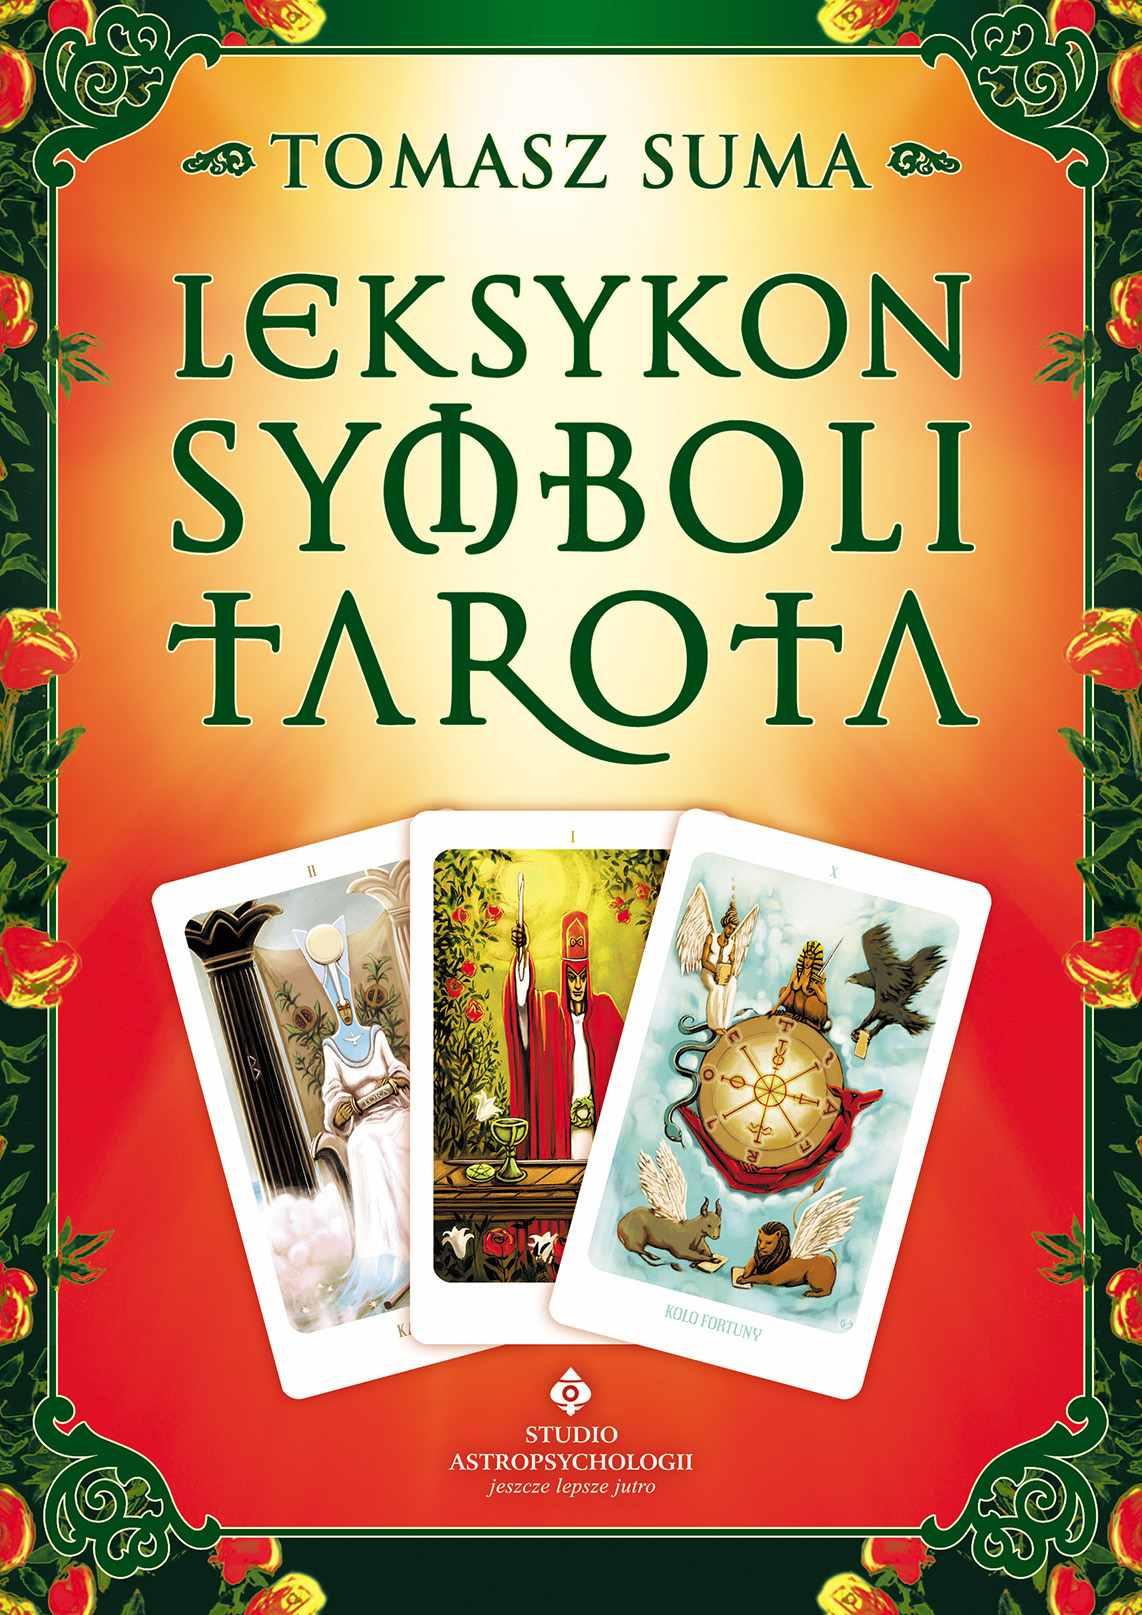 Leksykon symboli Tarota - Ebook (Książka EPUB) do pobrania w formacie EPUB